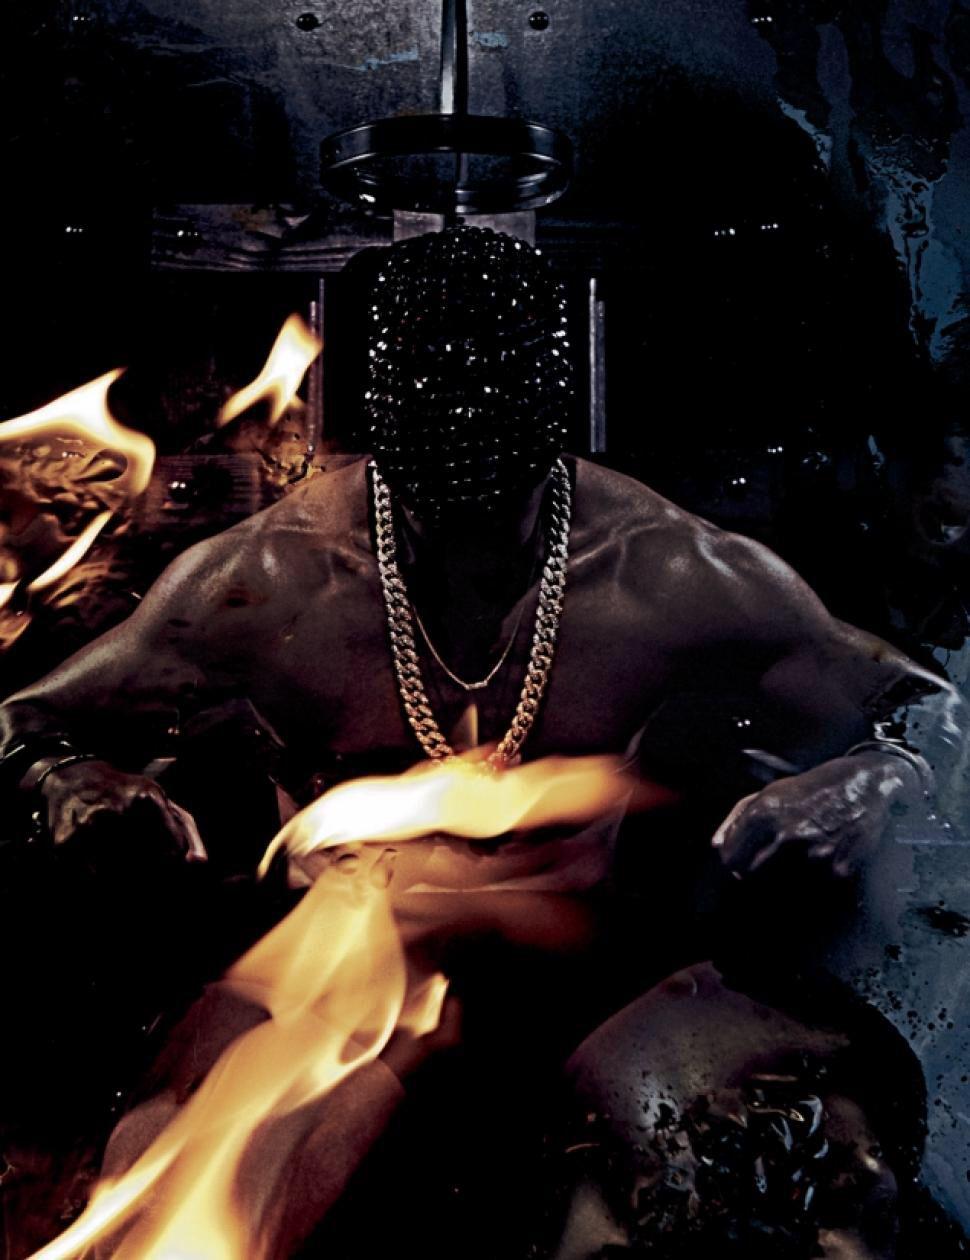 Maison Martin Margiela Mask Kanye West Kanye West Kanye West Wallpaper Kanye